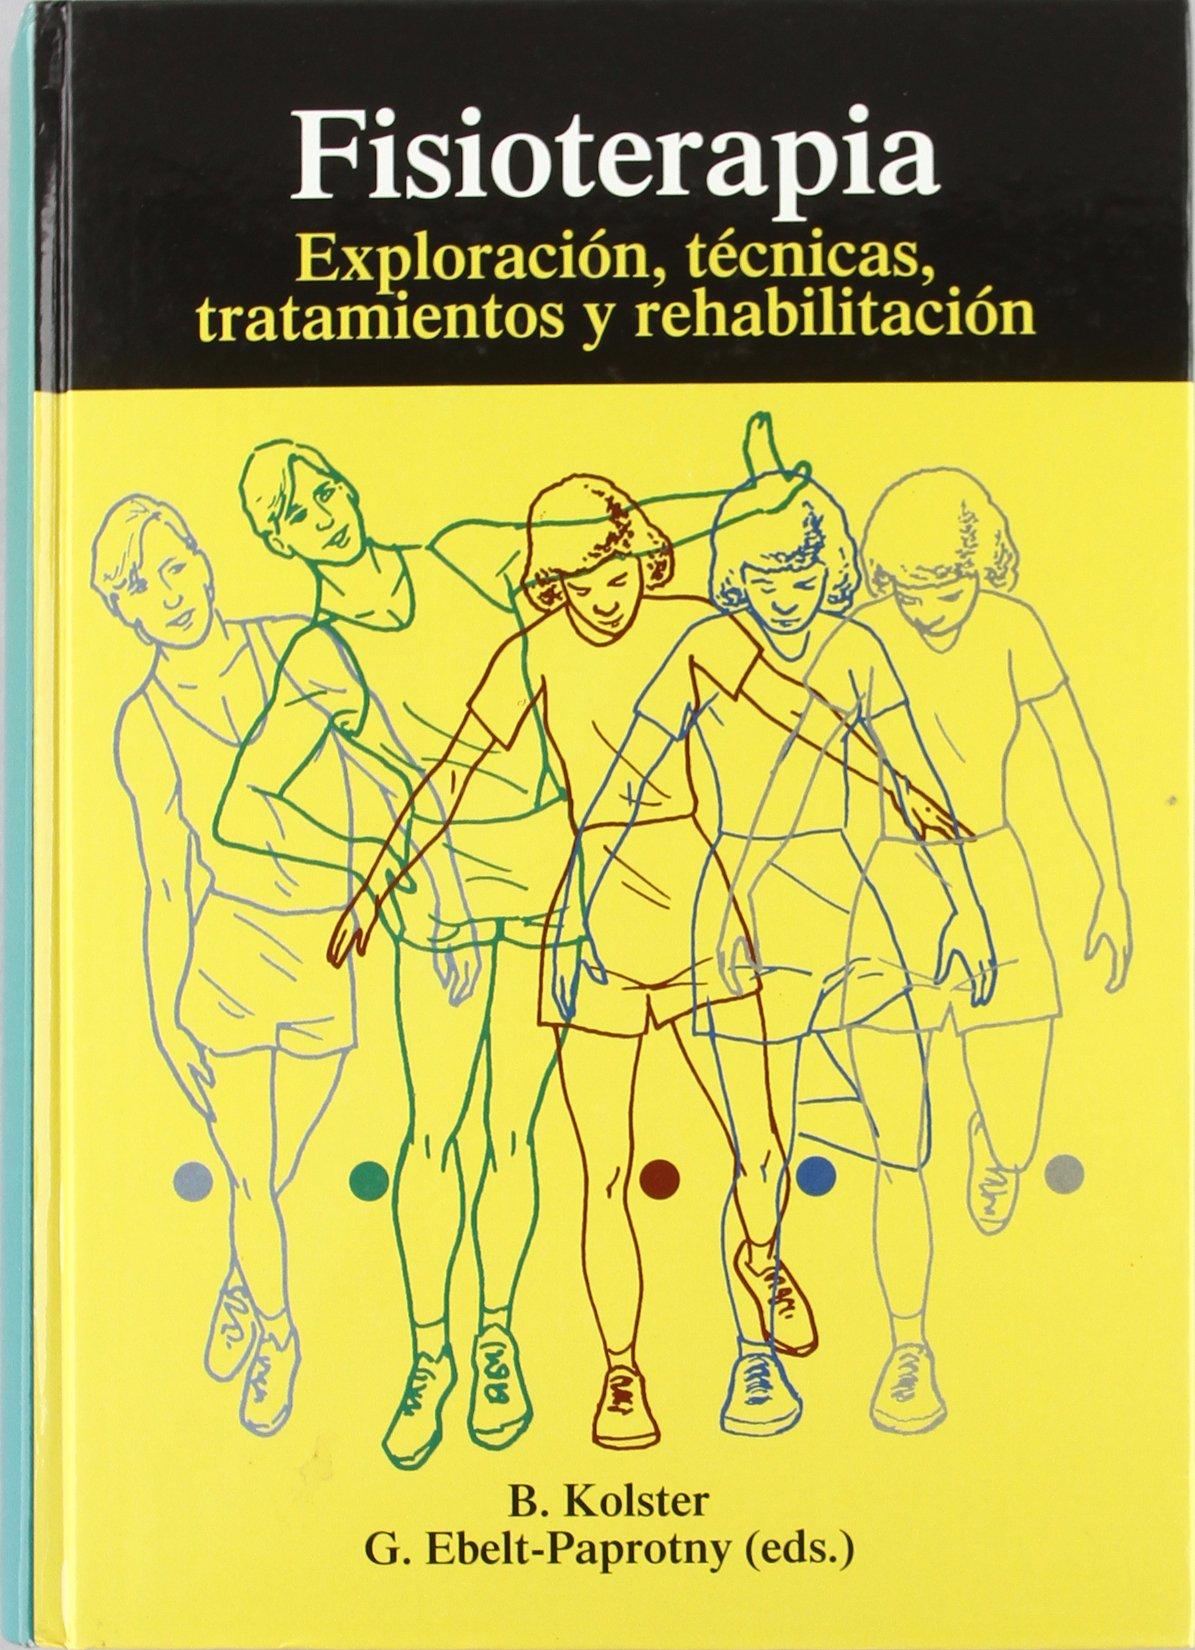 FisioterapiadeB. Kolster